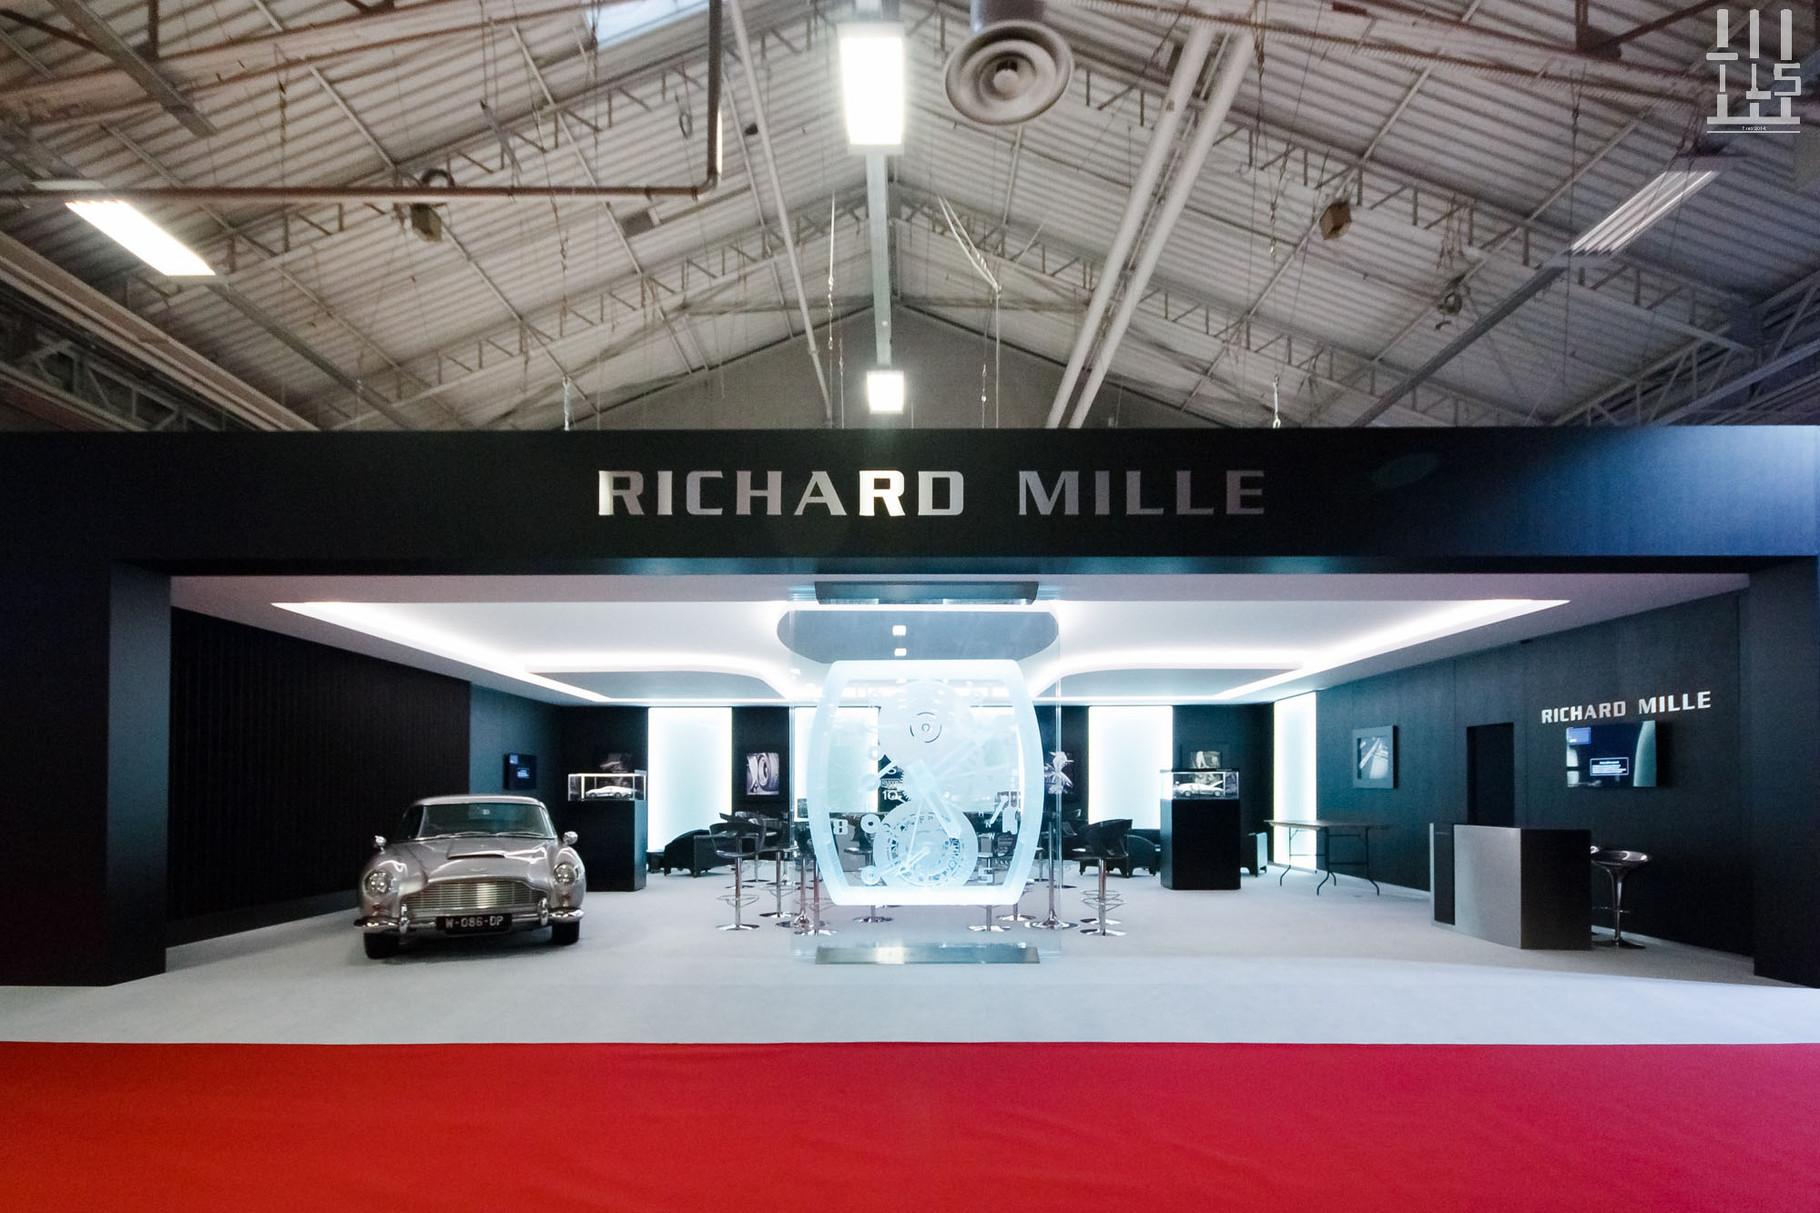 Le stand Richard Mille est spacieux ce qui met particulièrement en valeur l'Aston Martin DB5 présente sous vos yeux.